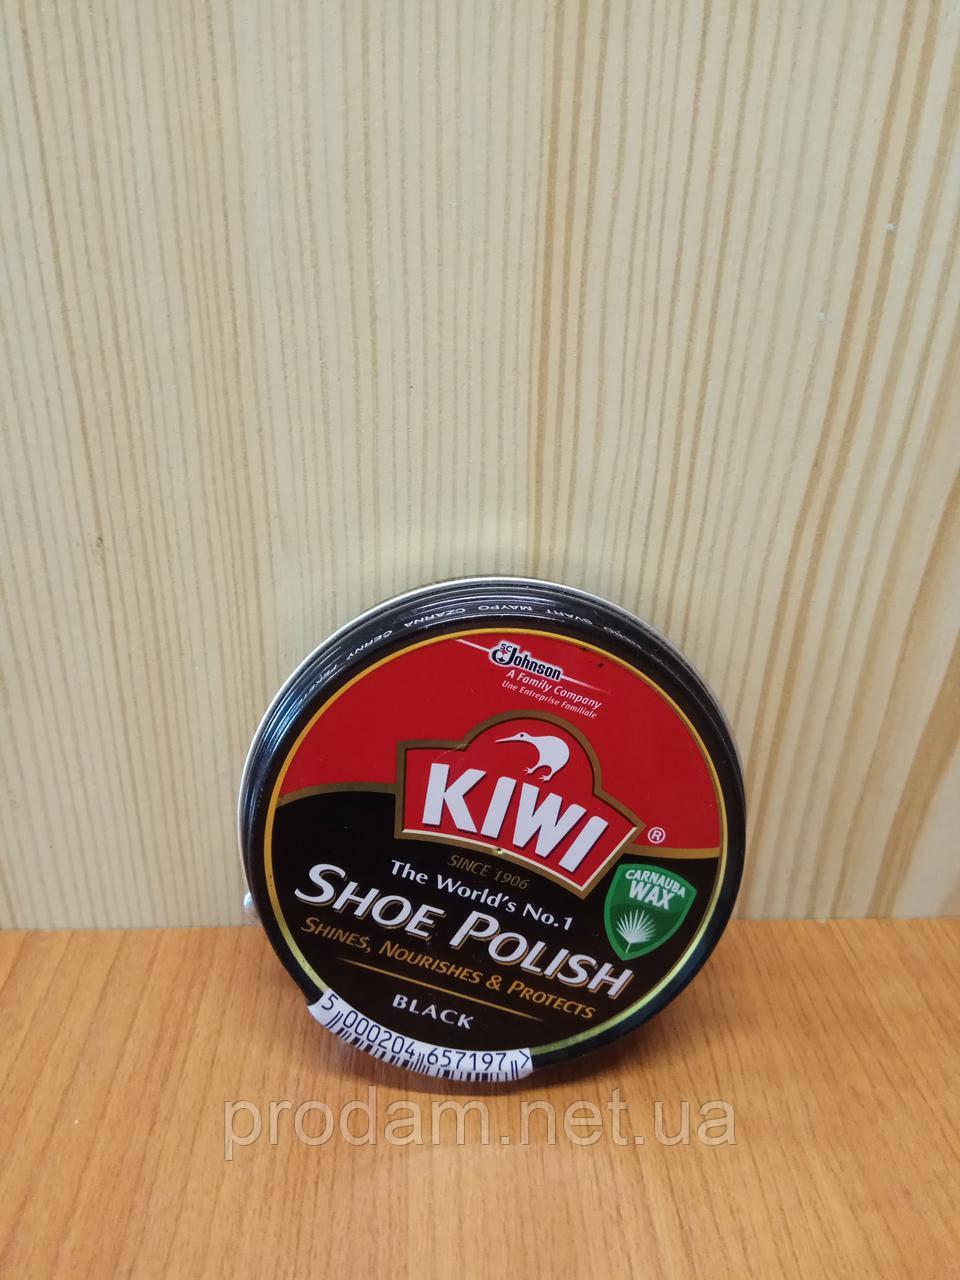 Крем для взуття Kiwi коричневий